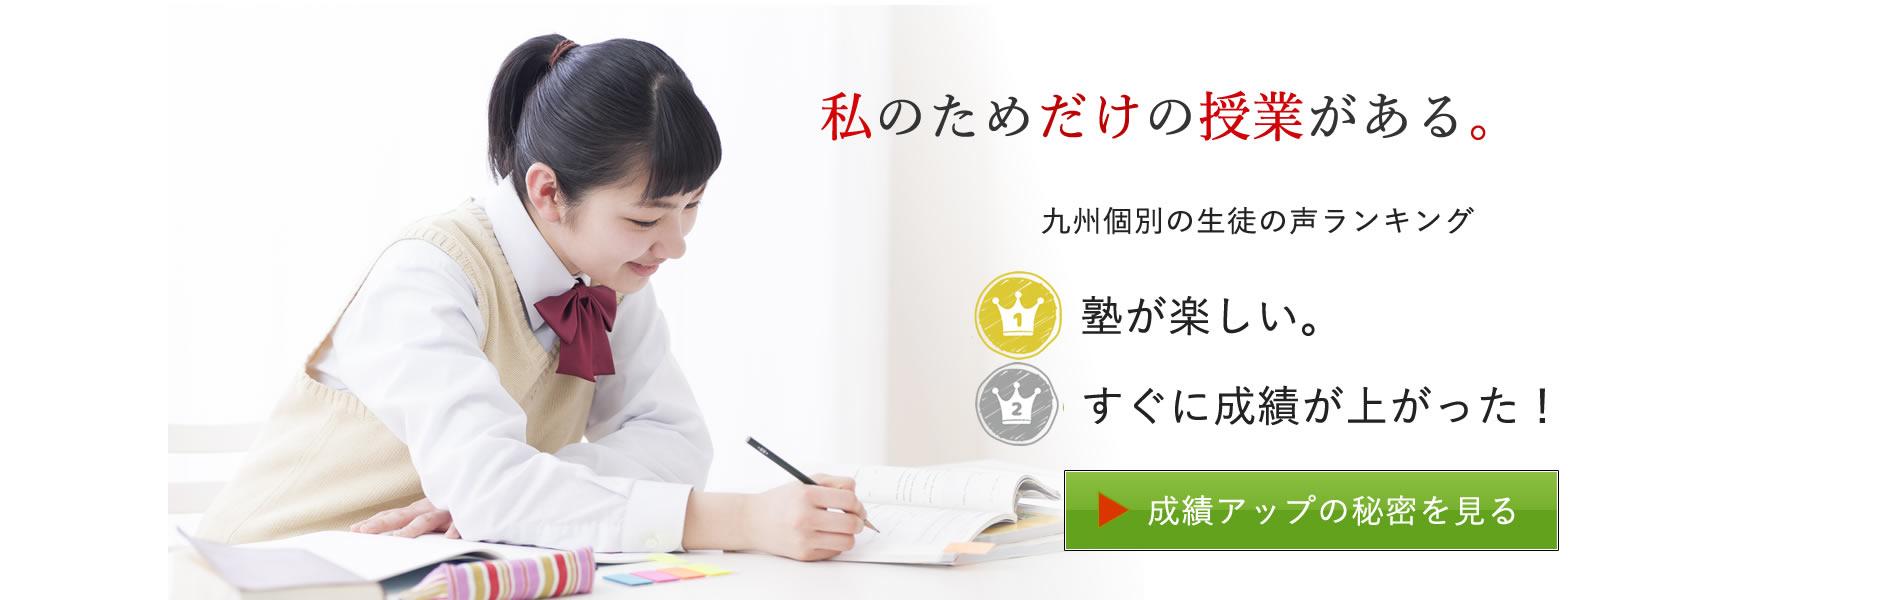 私のためだけの授業がある。九州個別指導学院にかよわれているお子さまから「塾が楽しい」「成績が上がった」と。九州個別の授業には秘密があります。